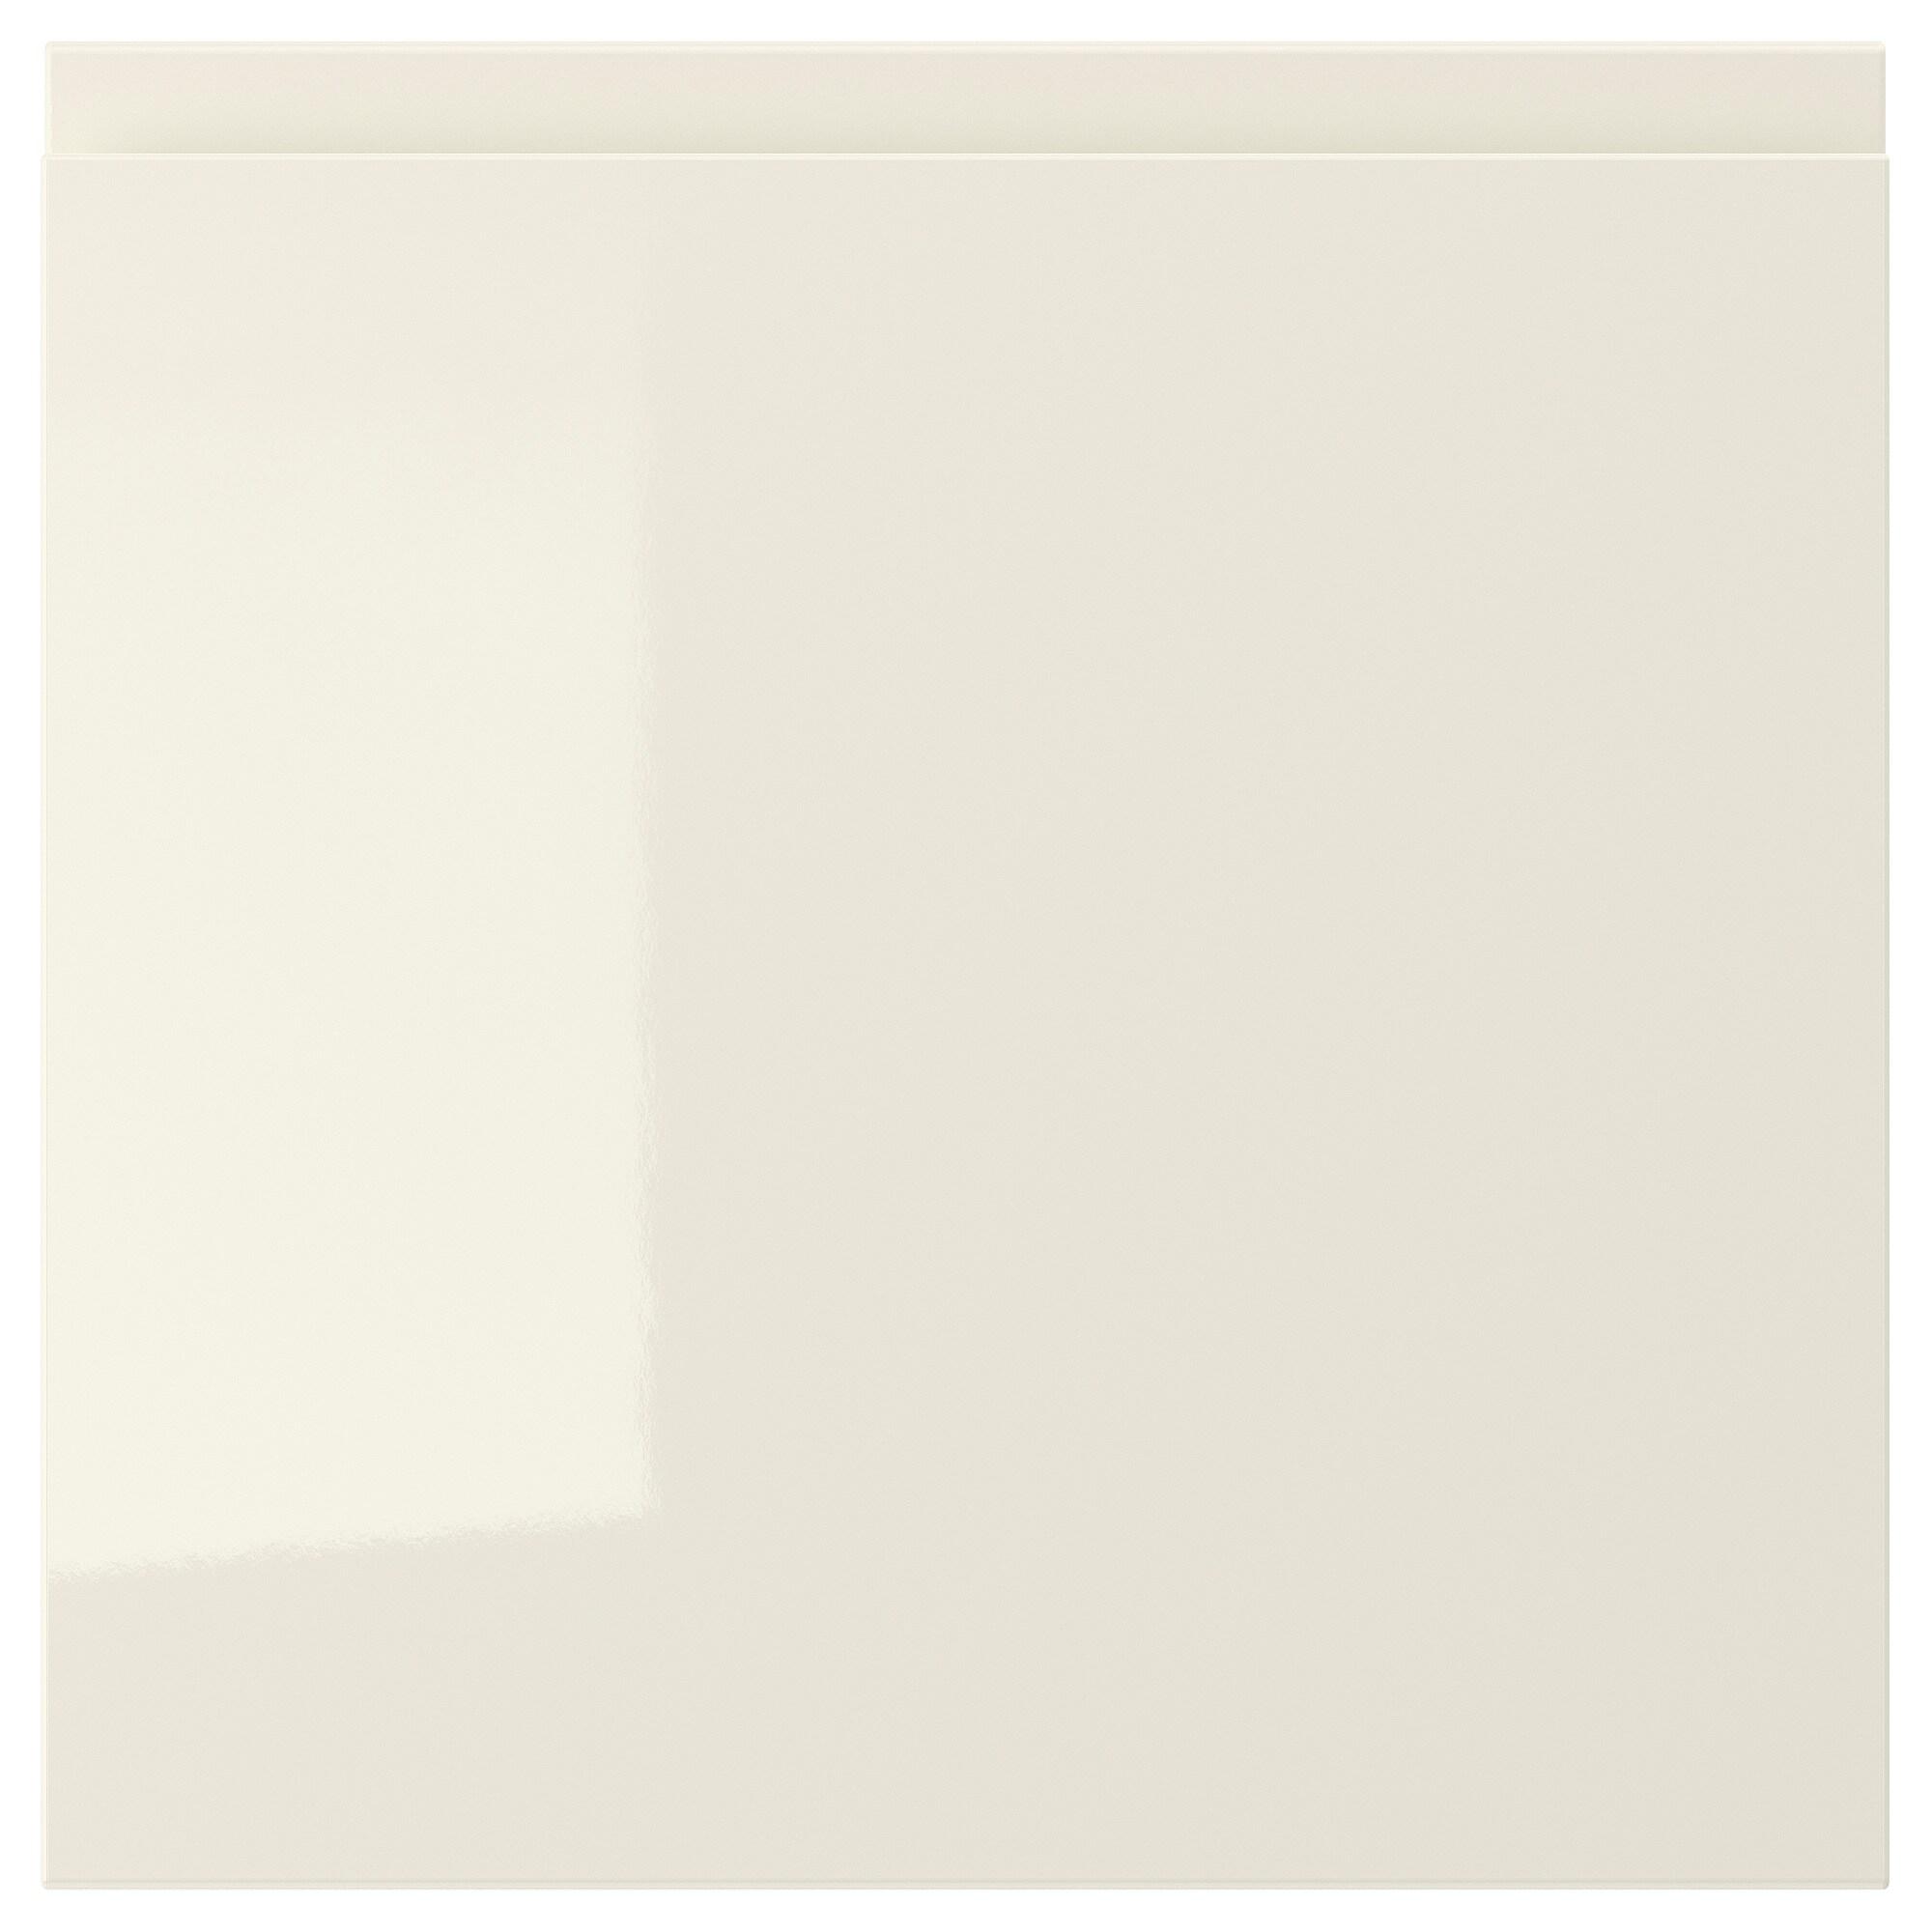 Full Size of Hochglanz Kchen Unterschrnke Online Kaufen Mbel Gebrauchte Einbauküche Schmales Regal Küche Alno Fototapete Bodenbeläge L Mit E Geräten Rolladenschrank U Wohnzimmer Ikea Voxtorp Küche